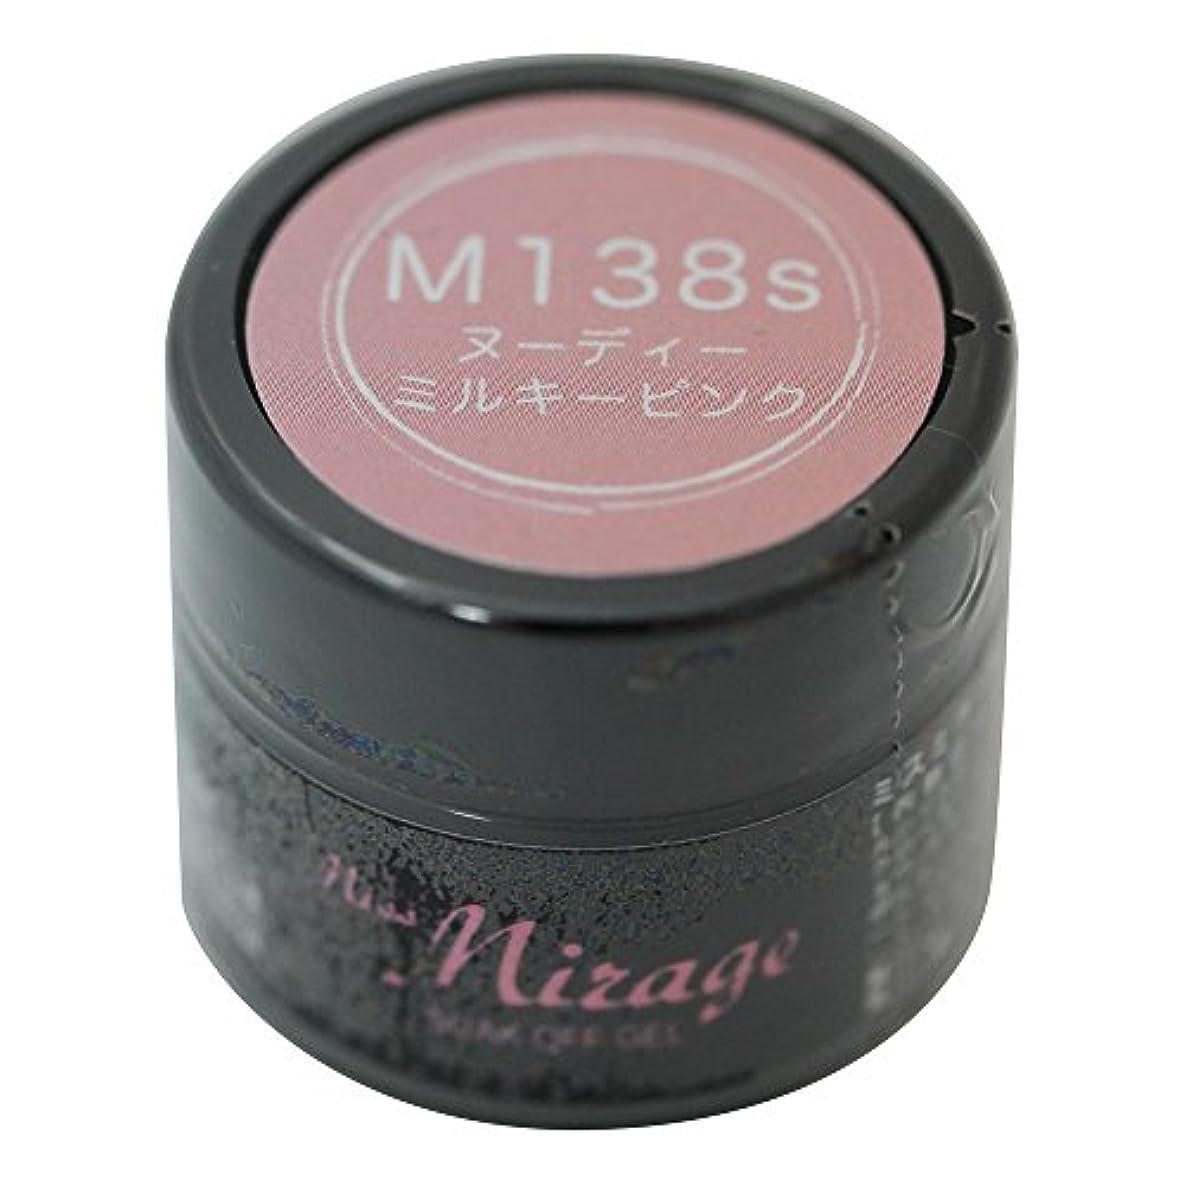 同封する過度に規範Miss Mirage M138S ヌーディーミルキーピンク 2.5g UV/LED対応タイオウ